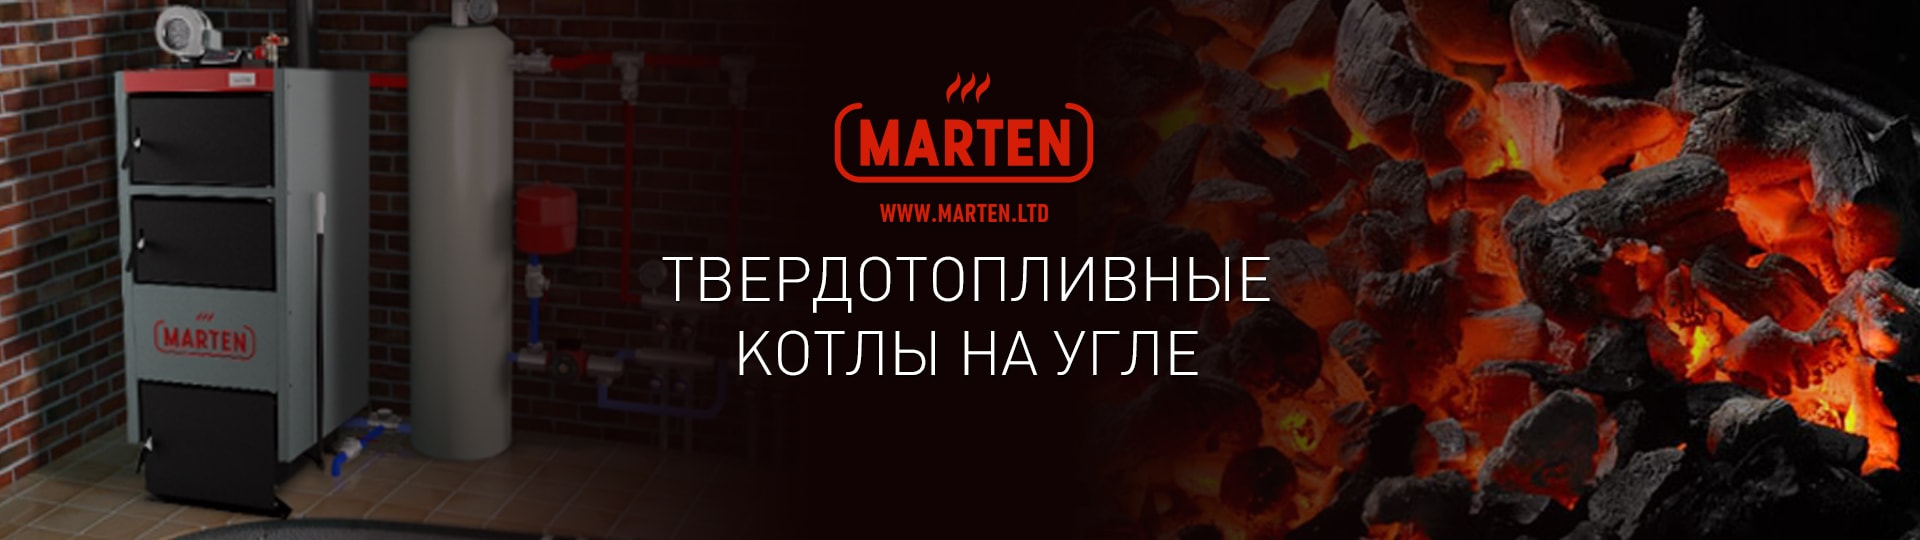 Угольные твердотопливные котлы Marten